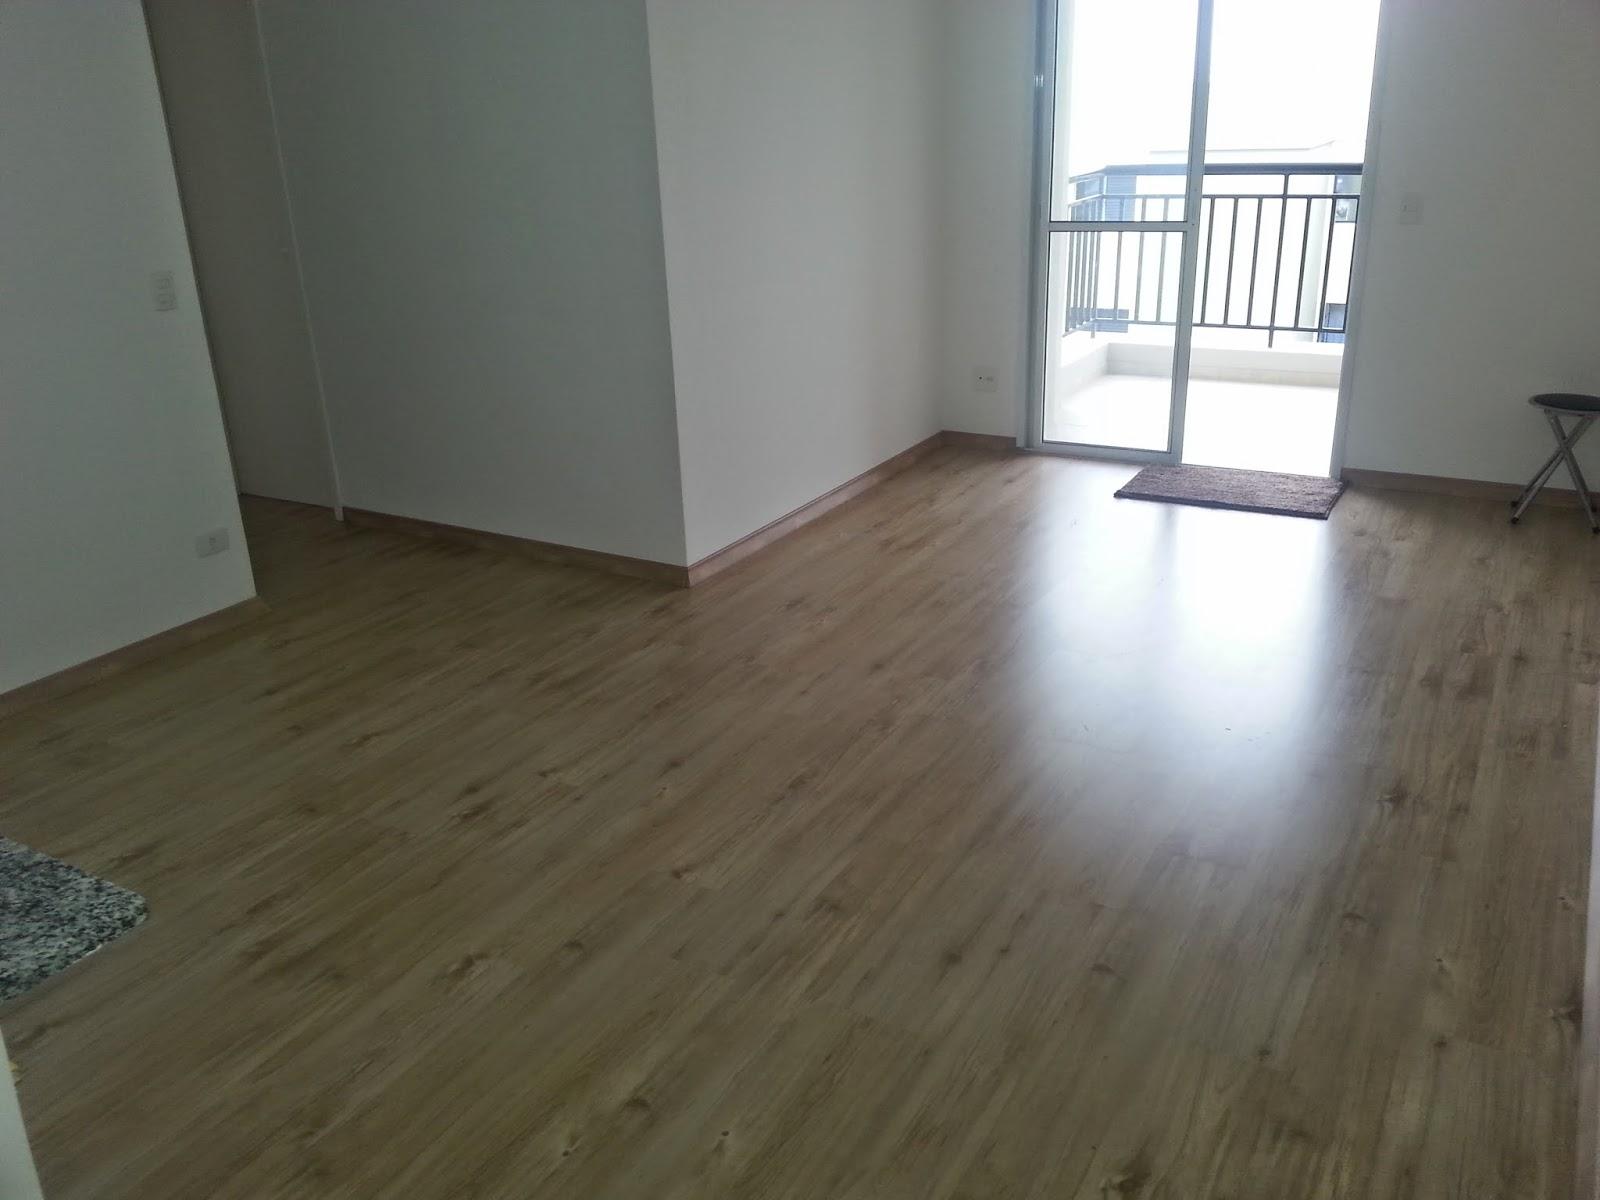 Casa da fl piso laminado ou porcelanato e o escolhido for Pisos apartamentos pequenos